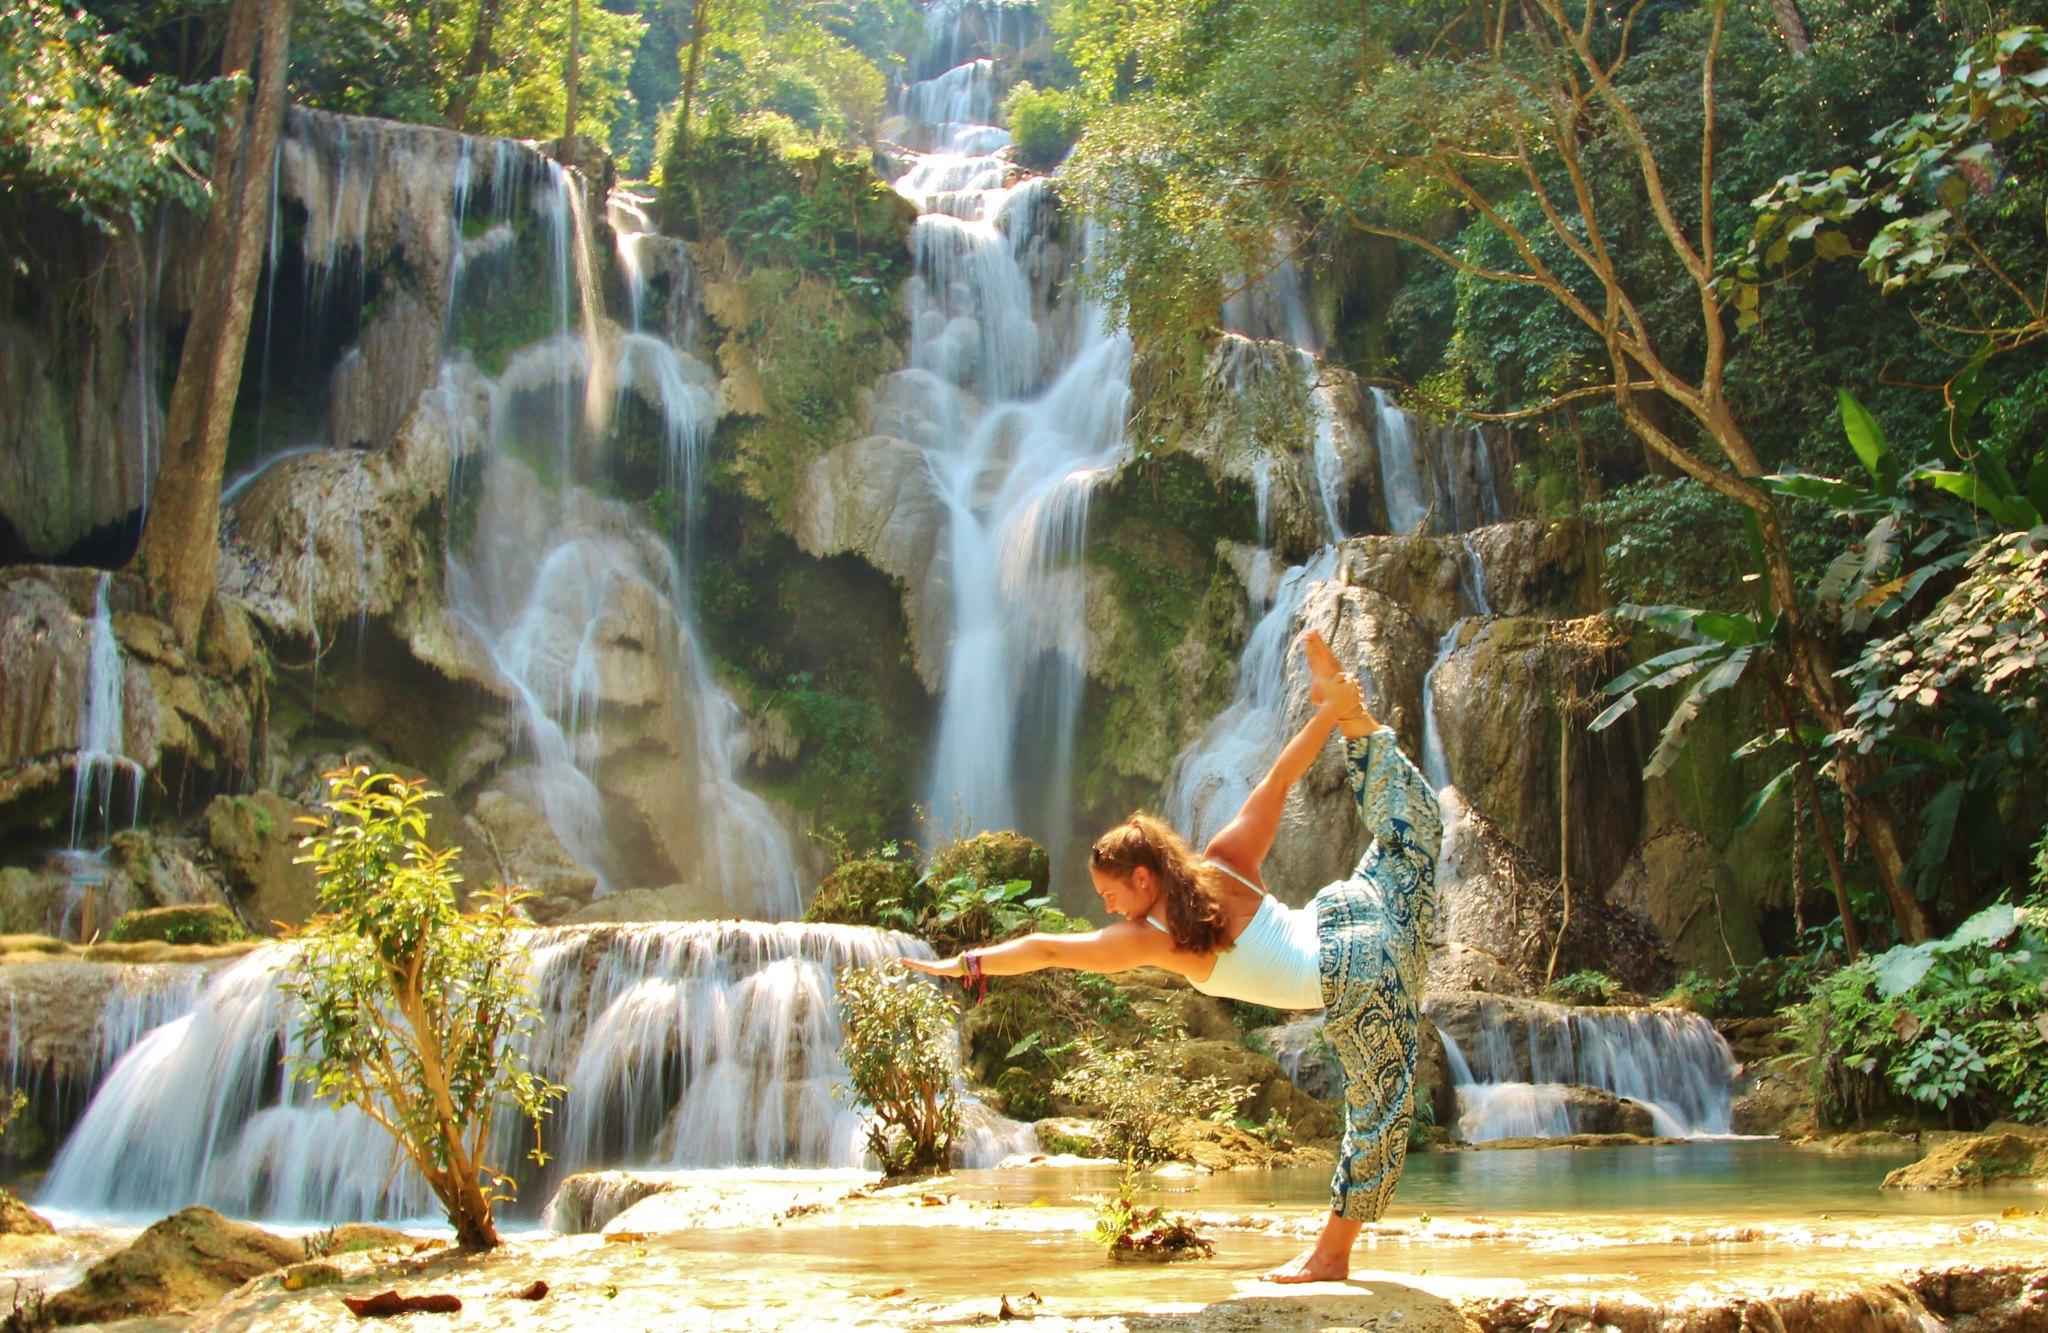 Elephants & Waterfalls